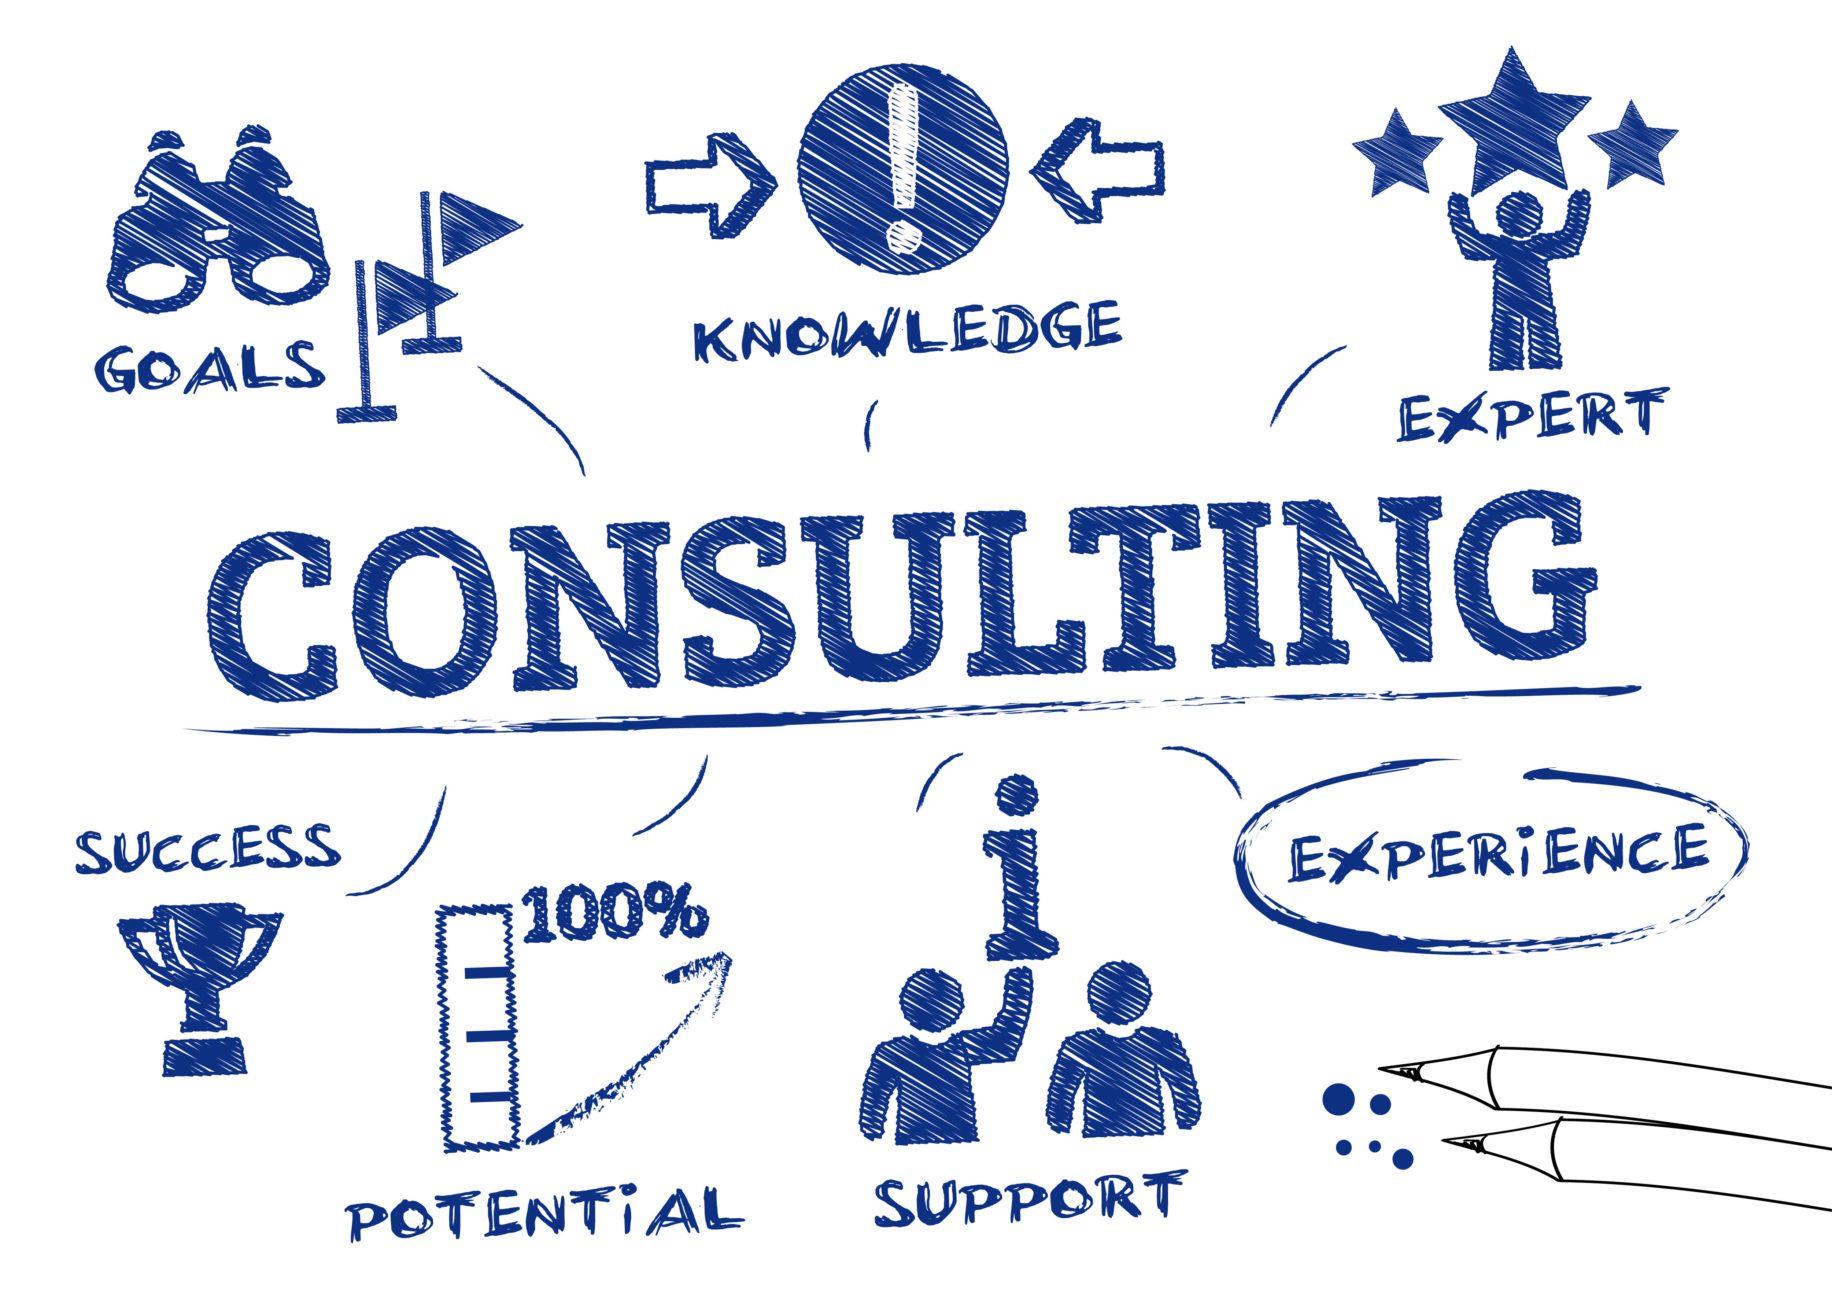 Consultant - Wikipedia